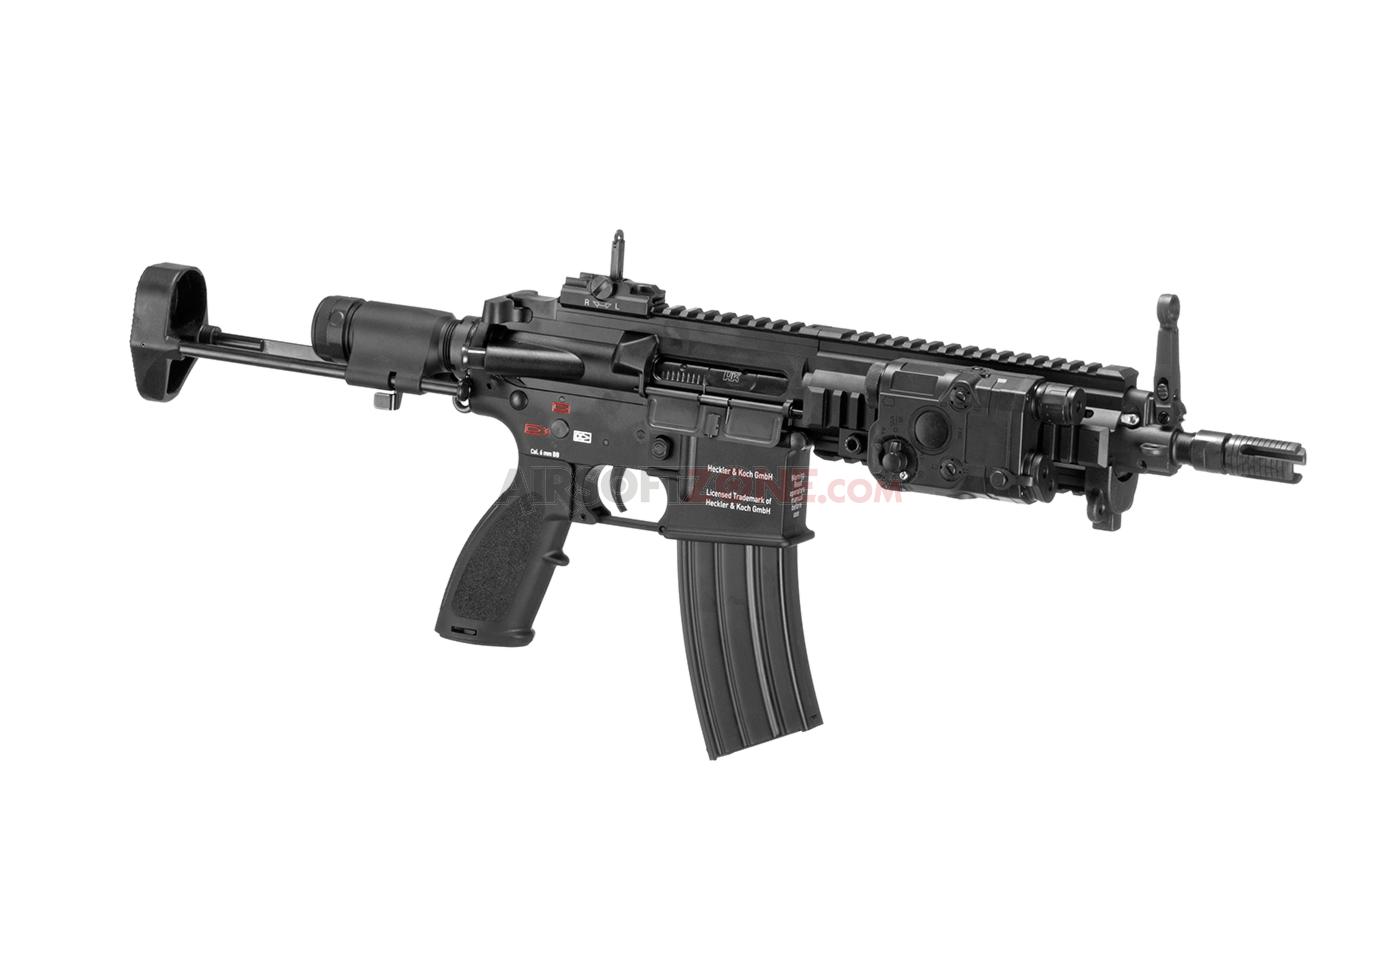 H-K-HK416C-V2-Mosfet-Full-Power-Black-VFC-az18220large1.png